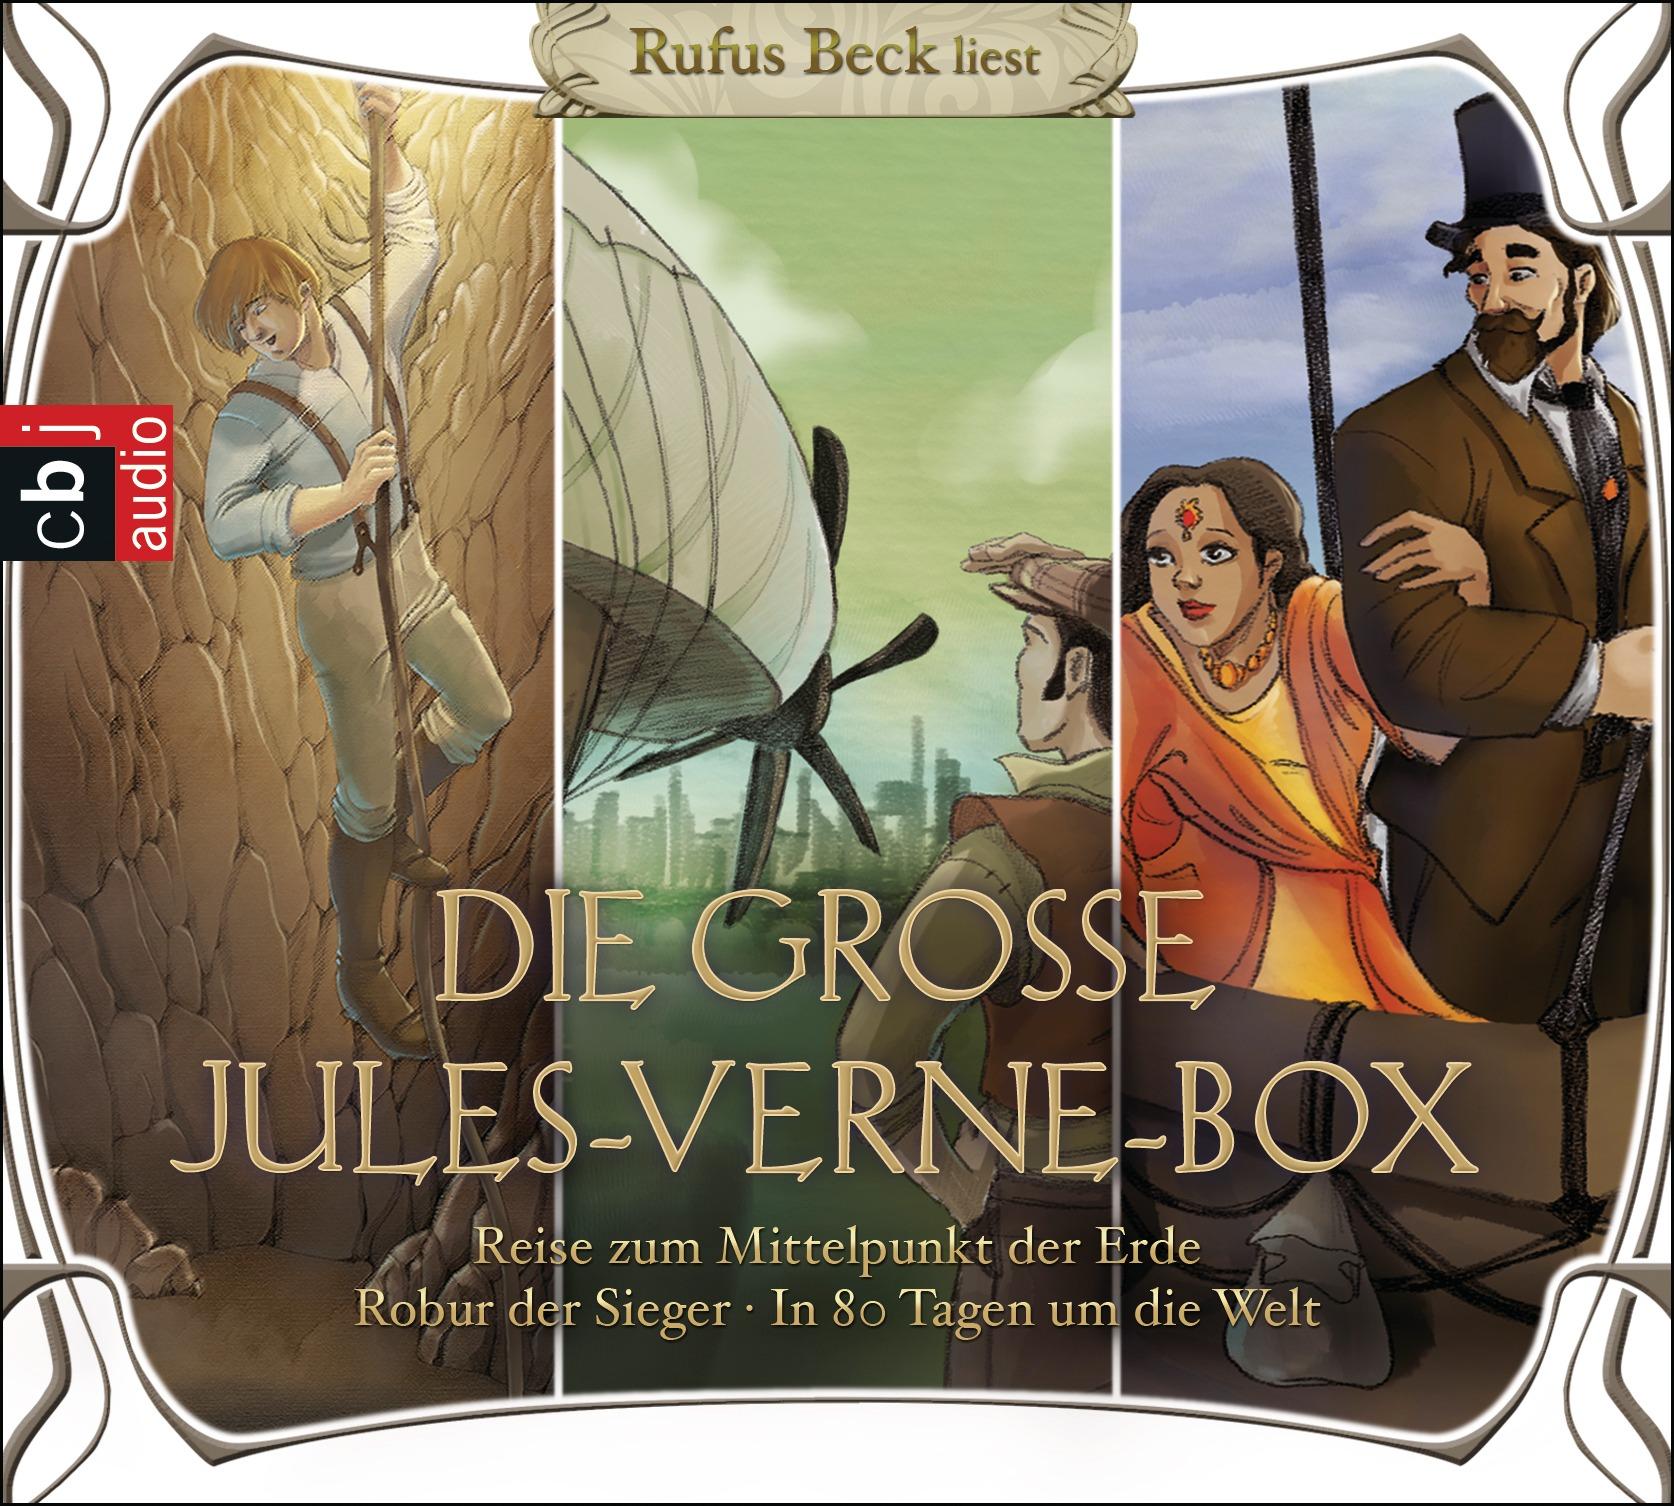 Die große Jules-Verne-Box: Robur der Sieger / Reise zum Mittelpunkt der Erde / In 80 Tagen um die Welt - Jules Verne [10